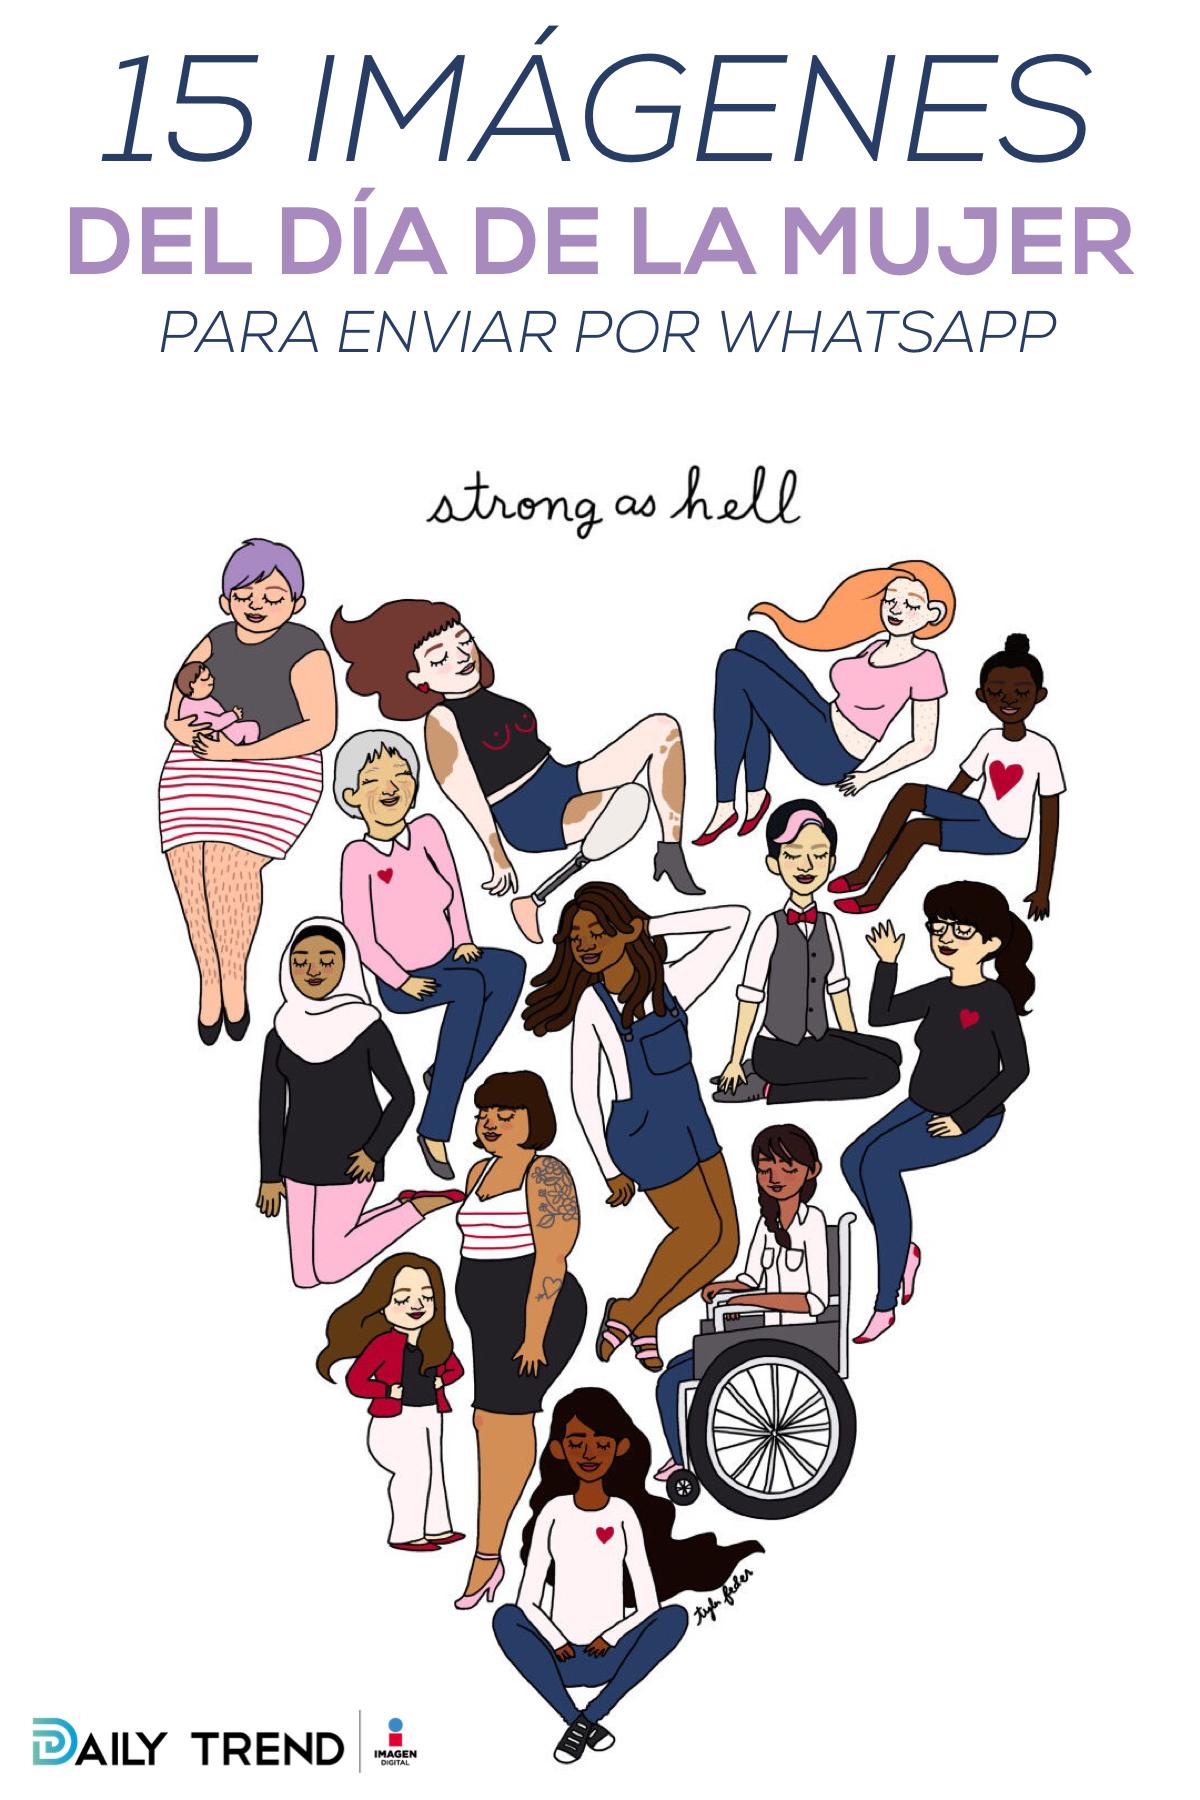 Imágenes Del Día De La Mujer Que Estaría Muy Bien Que Enviaras Por Whatsapp Feminismo Arte Feminista Frases Feministas